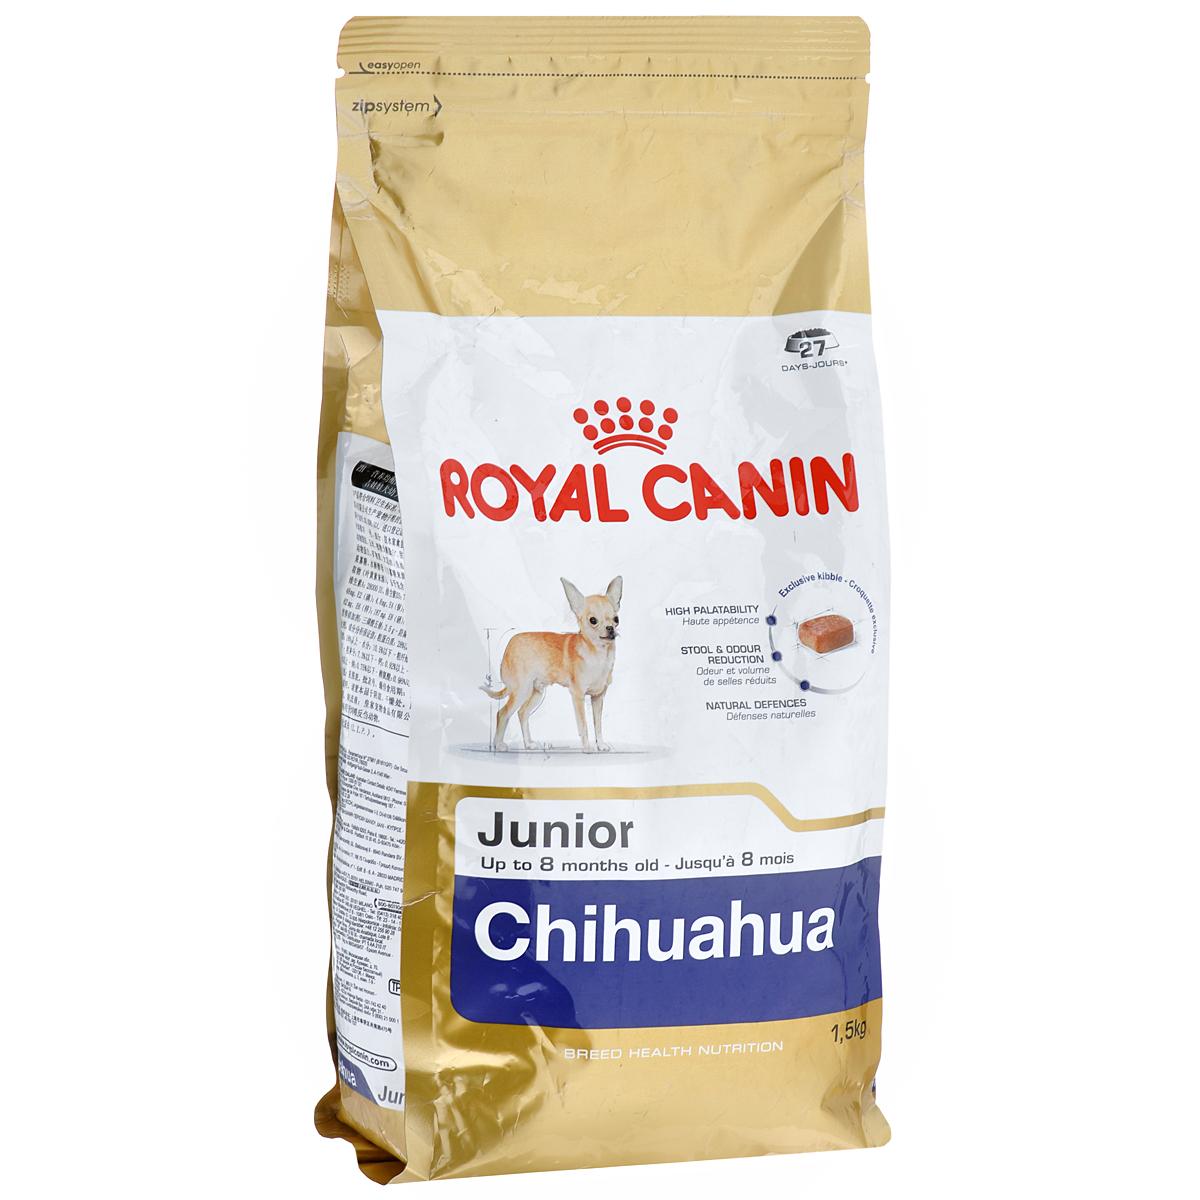 Корм сухой Royal Canin Chihuahua Junior, для щенков породы чихуахуа в возрасте до 8 месяцев, 1,5 кг8102Сухой корм Royal Canin Chihuahua Junior - полнорационное питание для щенков породы чихуахуа в возрасте до 8 месяцев.Щенок чихуахуа нуждается в особенной заботе из-за своих миниатюрных размеров и природной хрупкости. Чихуахуа является самой маленькой породой собак. Они очень предрасположены к образованию зубного камня, таким образом гигиена зубов крайне важна для собак этой породы. Очень важно выбрать корм, крокеты которого имеют соответствующую форму. Chihuahua Junior можно заказать и купить онлайн или в специальных магазинах.Высокая вкусовая привлекательность.Благодаря отборным натуральным ароматам и специально адаптированным крокетам мелкого размера и текстуры, корм обладает максимальной аппетитностью даже для самых маленьких и привередливых щенков чихуахуа. Ослабление запаха стула.Корм для щенков чихуахуа снижает объем и ослабляет неприятный запах экскрементов. Поддержание естественных механизмов защиты.Комплекс антиоксидантов, обладающих синергичным действием (лютеин, таурин, витамины С и Е), укрепляет иммунную защиту щенка. Манноолигосахариды стимулируют производство антител. Специально для миниатюрных челюстей.Крокеты корма идеально подходят для крошечных челюстей щенка чихуахуа.Состав: дегидратированные белки животного происхождения (птица), рис, животные жиры, кукуруза, изолят растительных белков, свекольный жом, гидролизат белков животного происхождения, минеральные вещества, соевое масло, рыбий жир, растительная клетчатка, фруктоолигосахариды, гидролизат дрожжей (источник мaннановых олигосахаридов), экстракт бархатцев прямостоячих (источник лютеина).Добавки (в 1 кг): протеин — 30%,жир — 20%,клетчатка — 2%, таурин — 2000 мг%, кальций — 1,15%, натрий — 0,35%, магний — 0,07%, хлор — 0,5%, калий — 0,7%, йод — 5,6 мг, селен — 0,35 мг, медь — 22 мг, железо — 221 мг, марганец — 76 мг, цинк — 229 мг, витамин A — 29000 МЕ,витамин D3 — 800 МЕ, витамин E — 600 мг, в